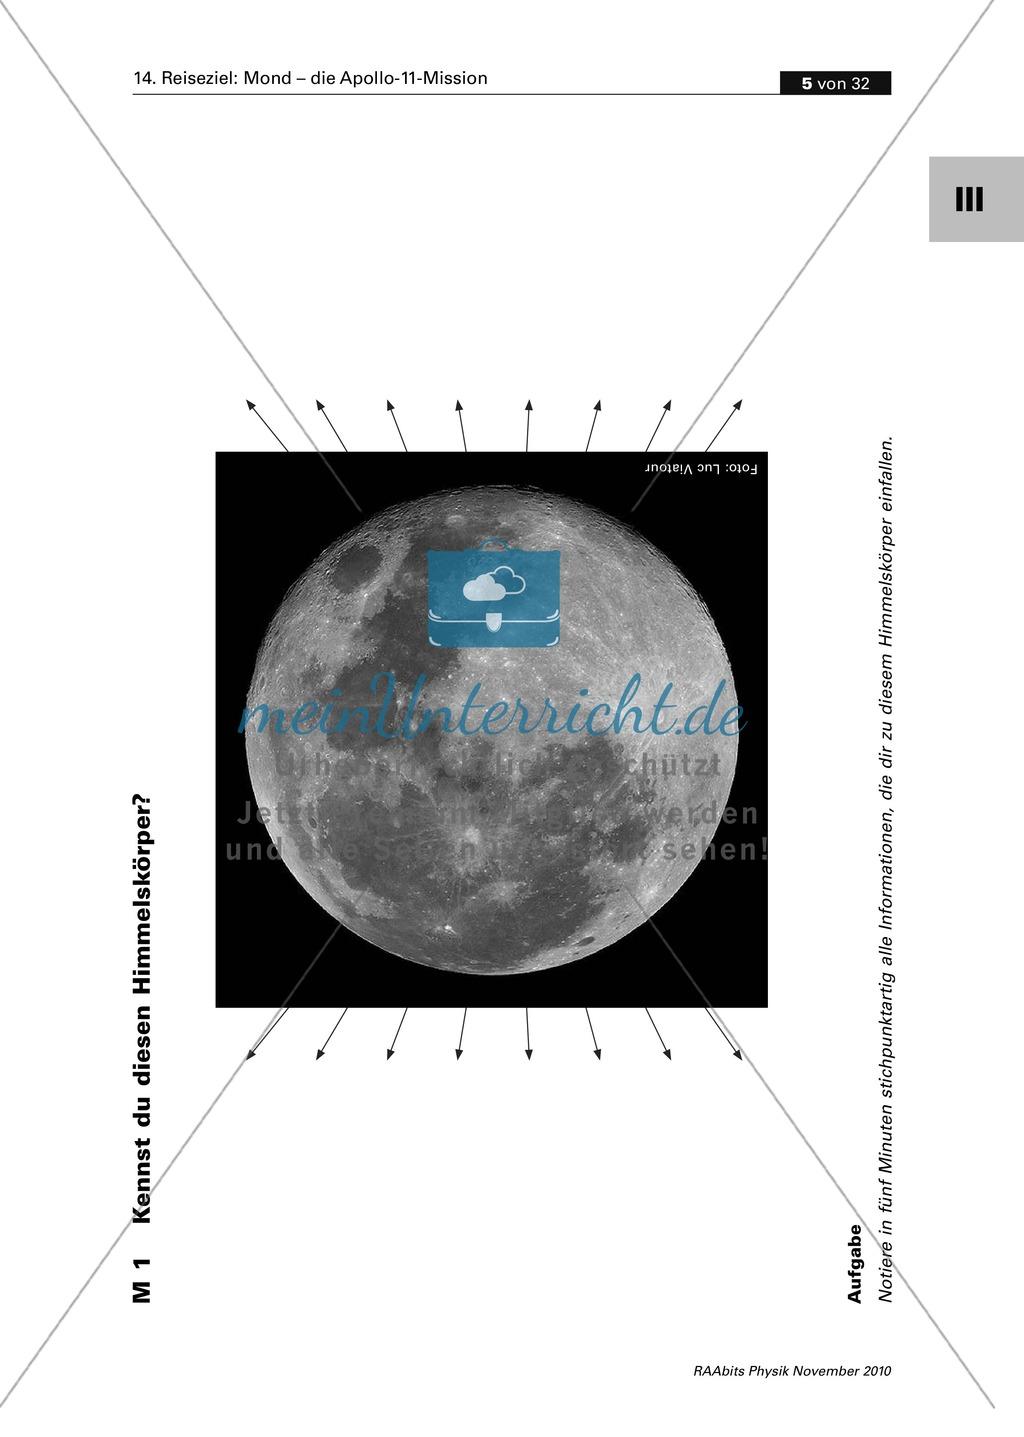 Der Mond - die Apollo-11-Mission: Mondlandung - Einstieg in das ...